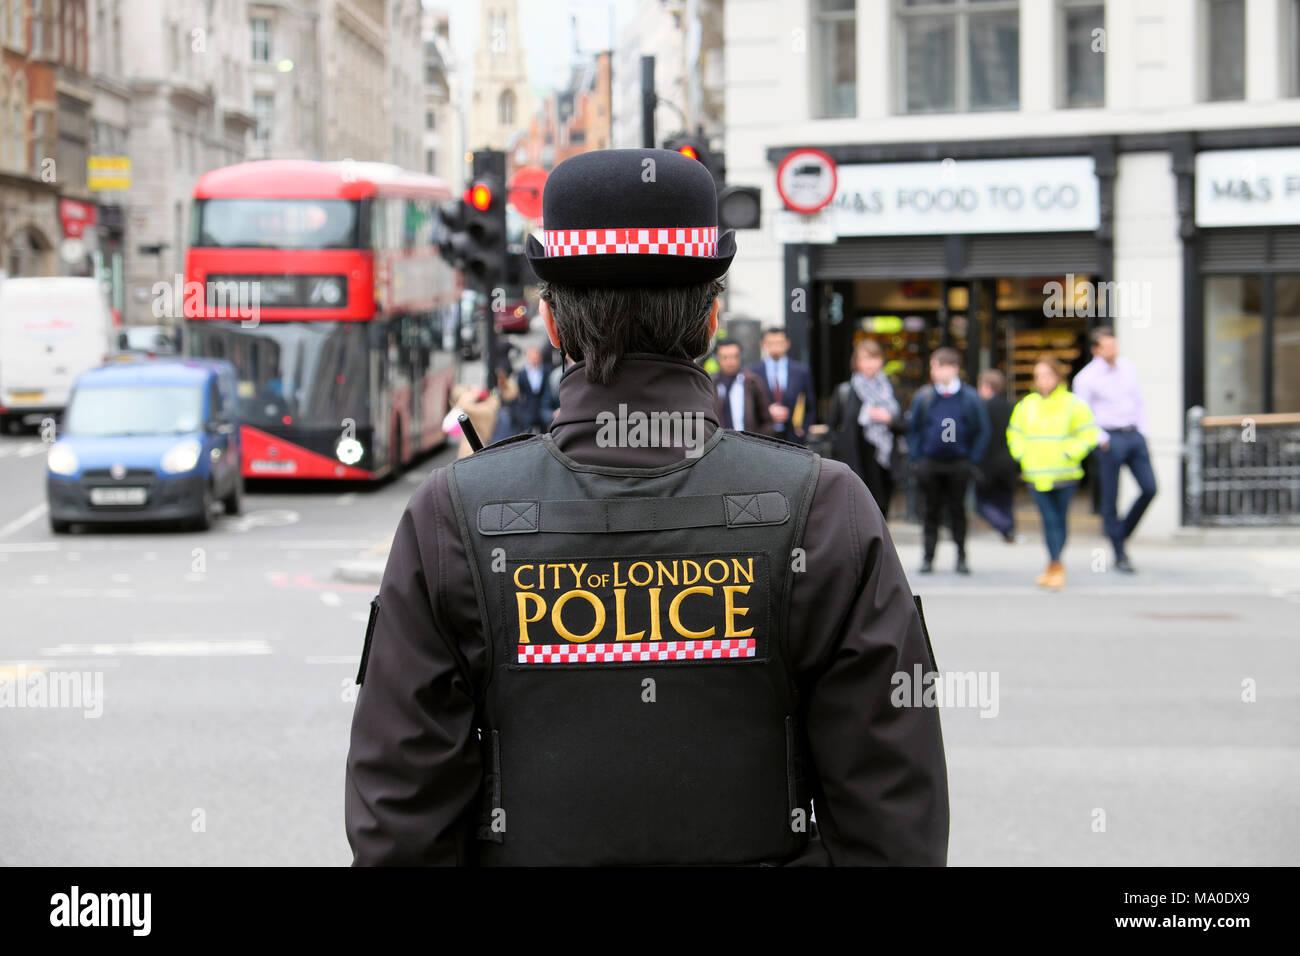 City of London Police logo sul retro della giacca uniforme della poliziotta (polizia donna) sulla strada di Farringdon zona di Central London UK KATHY DEWITT Immagini Stock